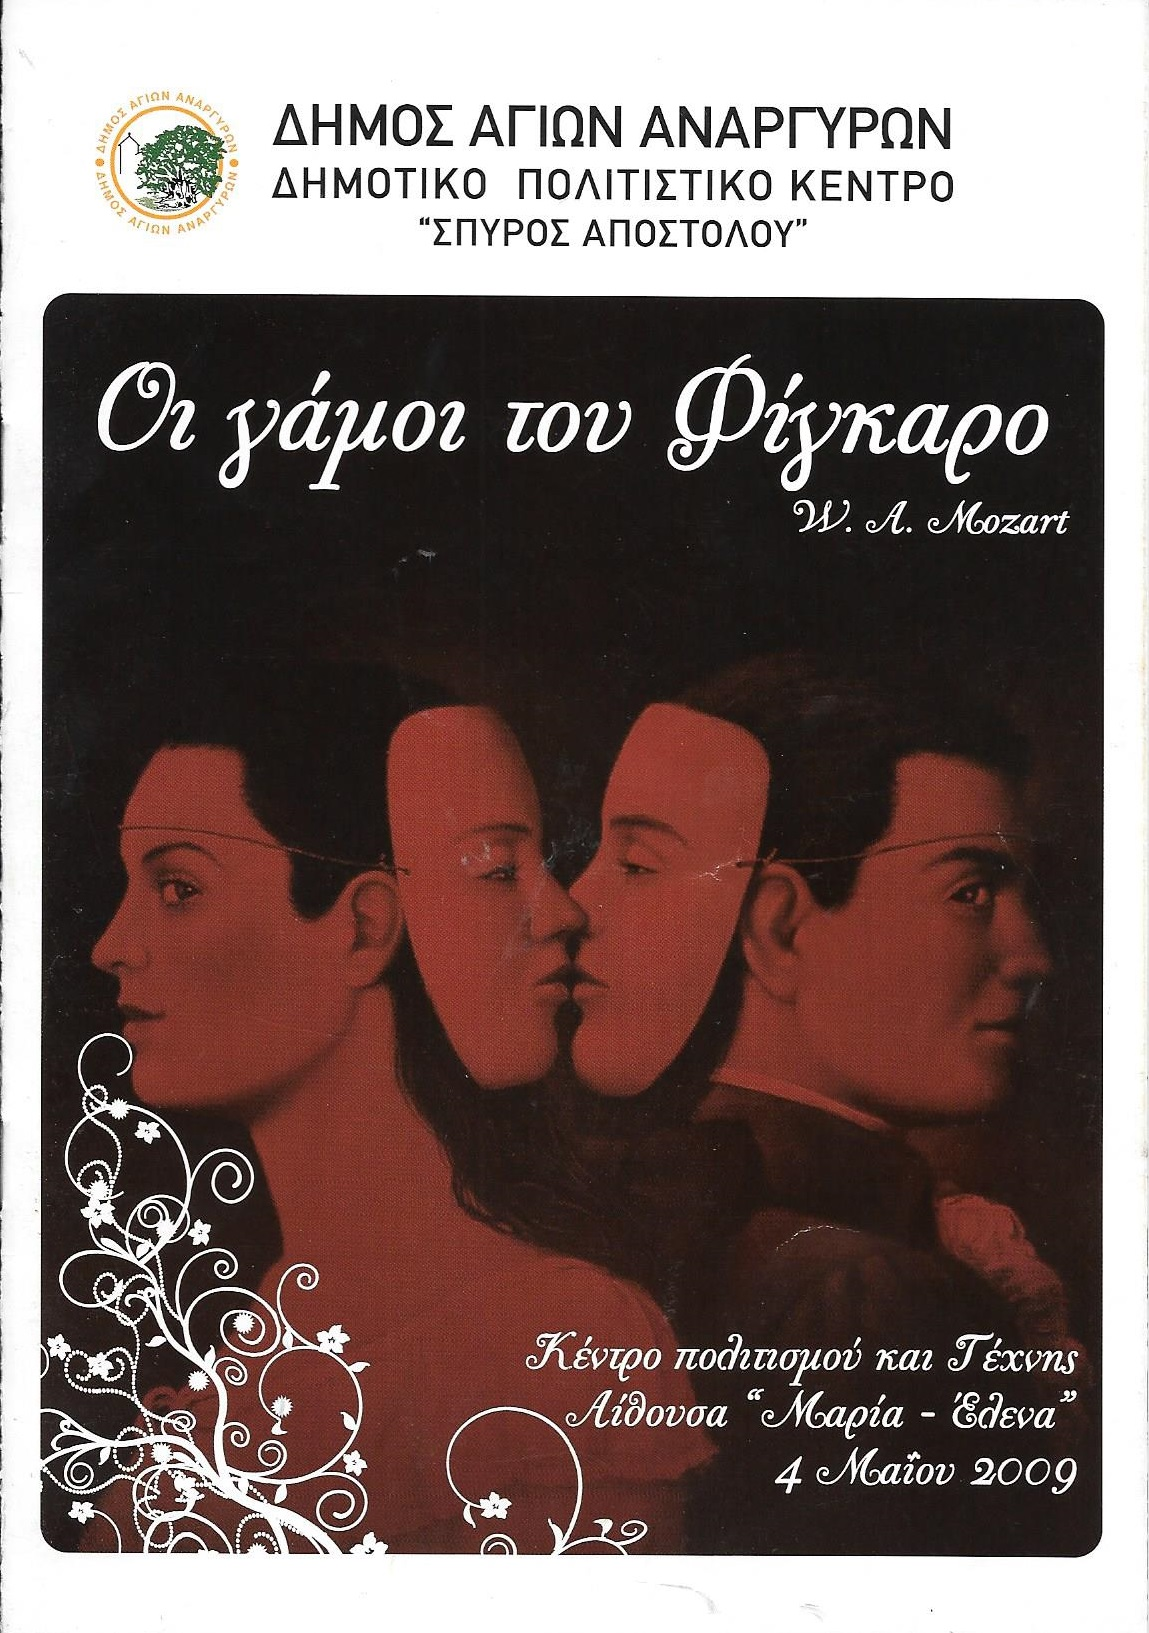 Οι γάμοι του Φίγκαρο από το μουσικοθεατρικό σύνολο ΗΜΙ-ολον στο Πολιτιστικό Κέντρο Σπύρος Αποστόλου